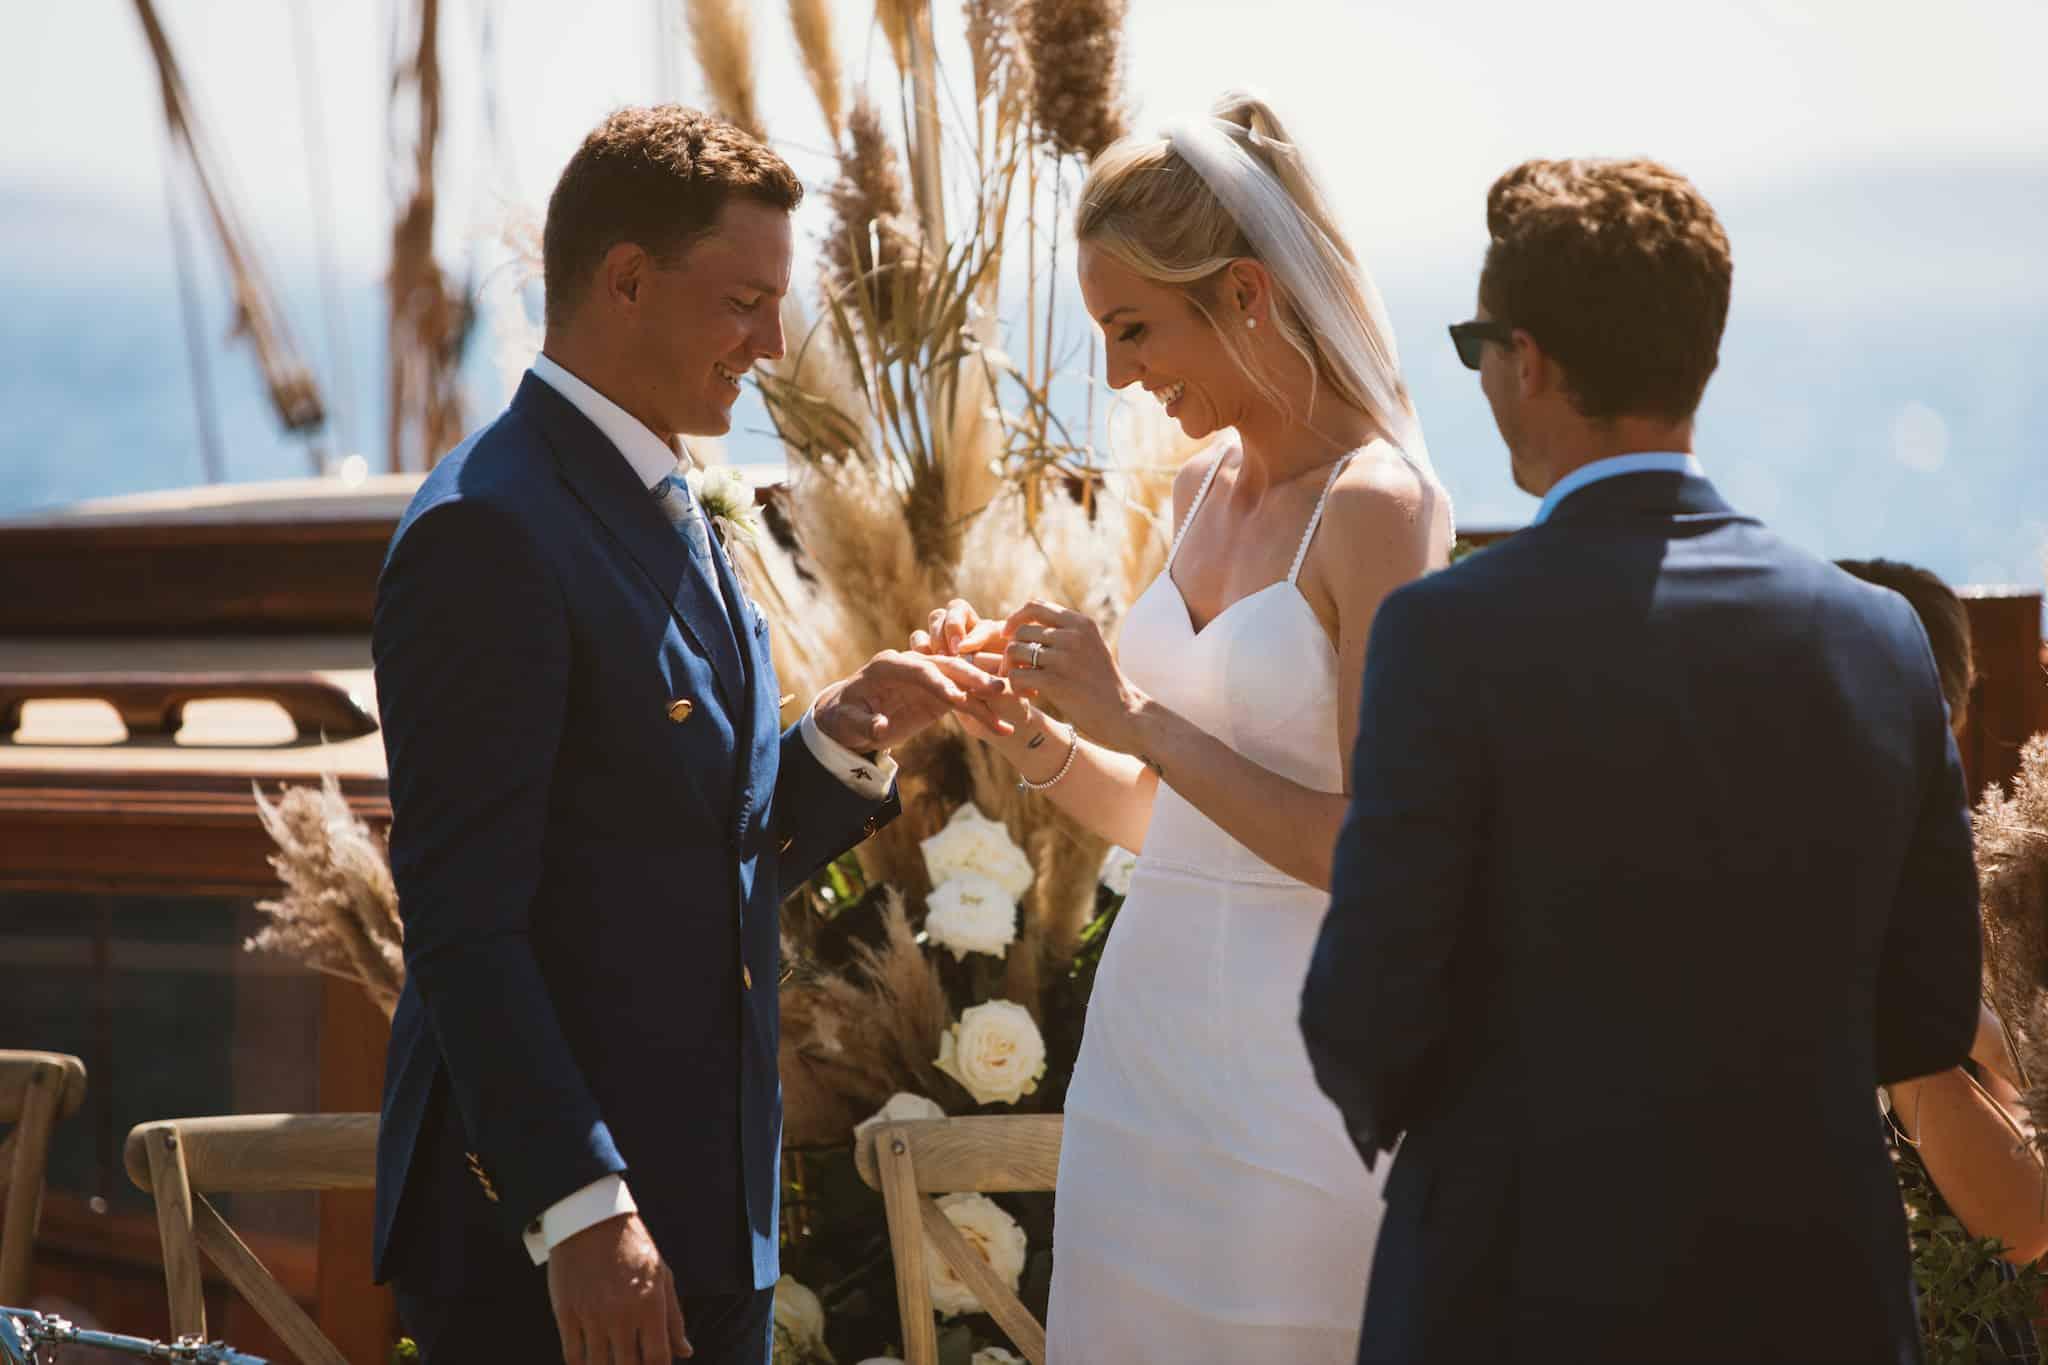 Beach-Wedding-Croatia-DJ-Kroatien - Kroatien-Hochzeit